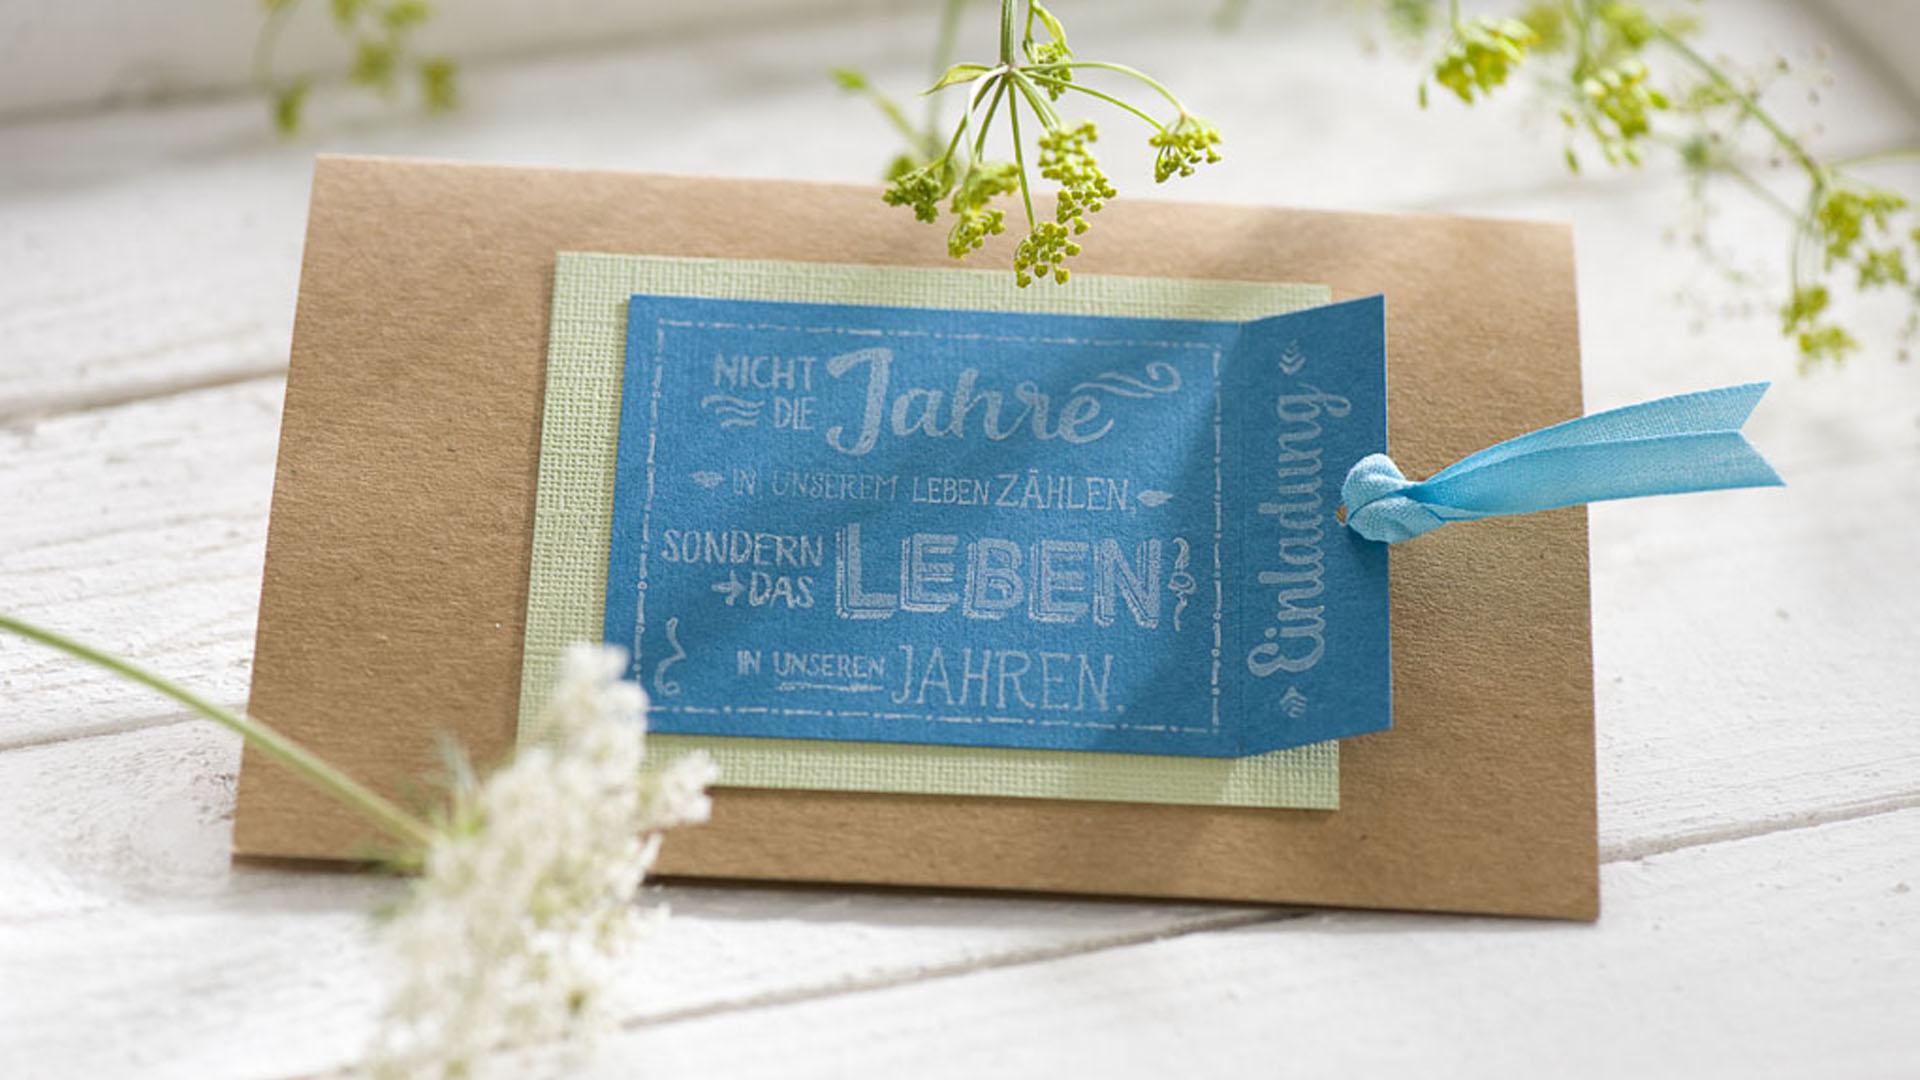 Ideen für Geburtstage: Nicht die Jahre zählen ... | Einladung in Natur, Azur und zartem Grün mit einem besonderen Spruch zu diesem Anlass